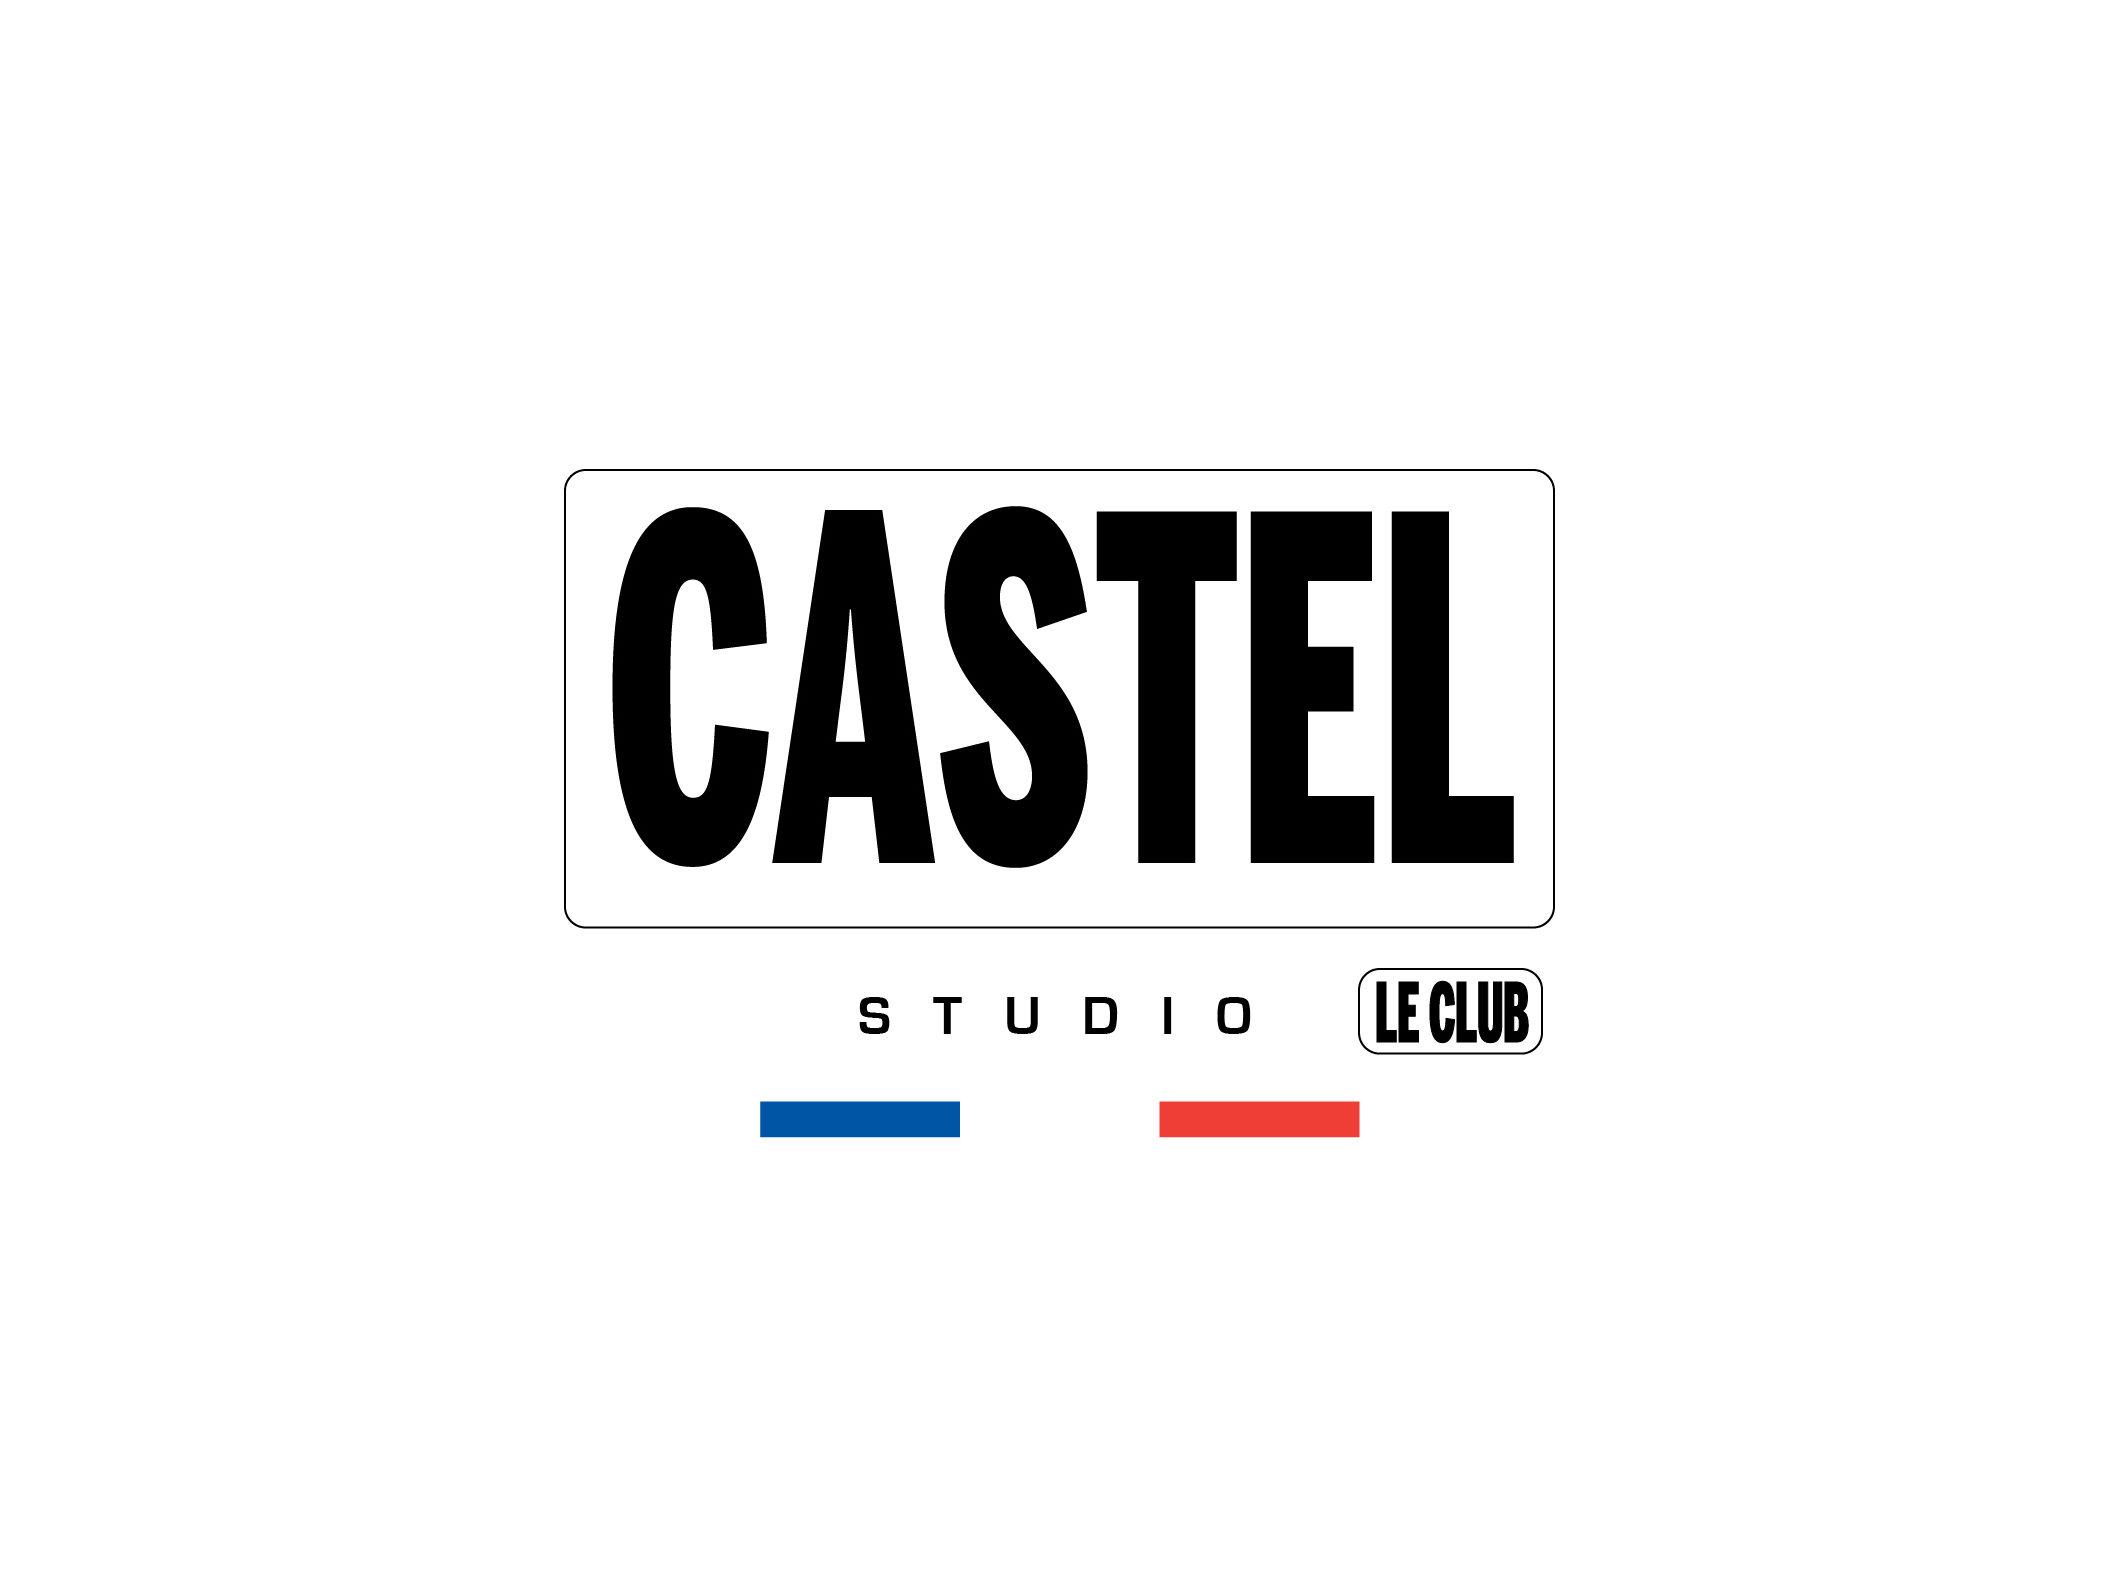 Castel Studio